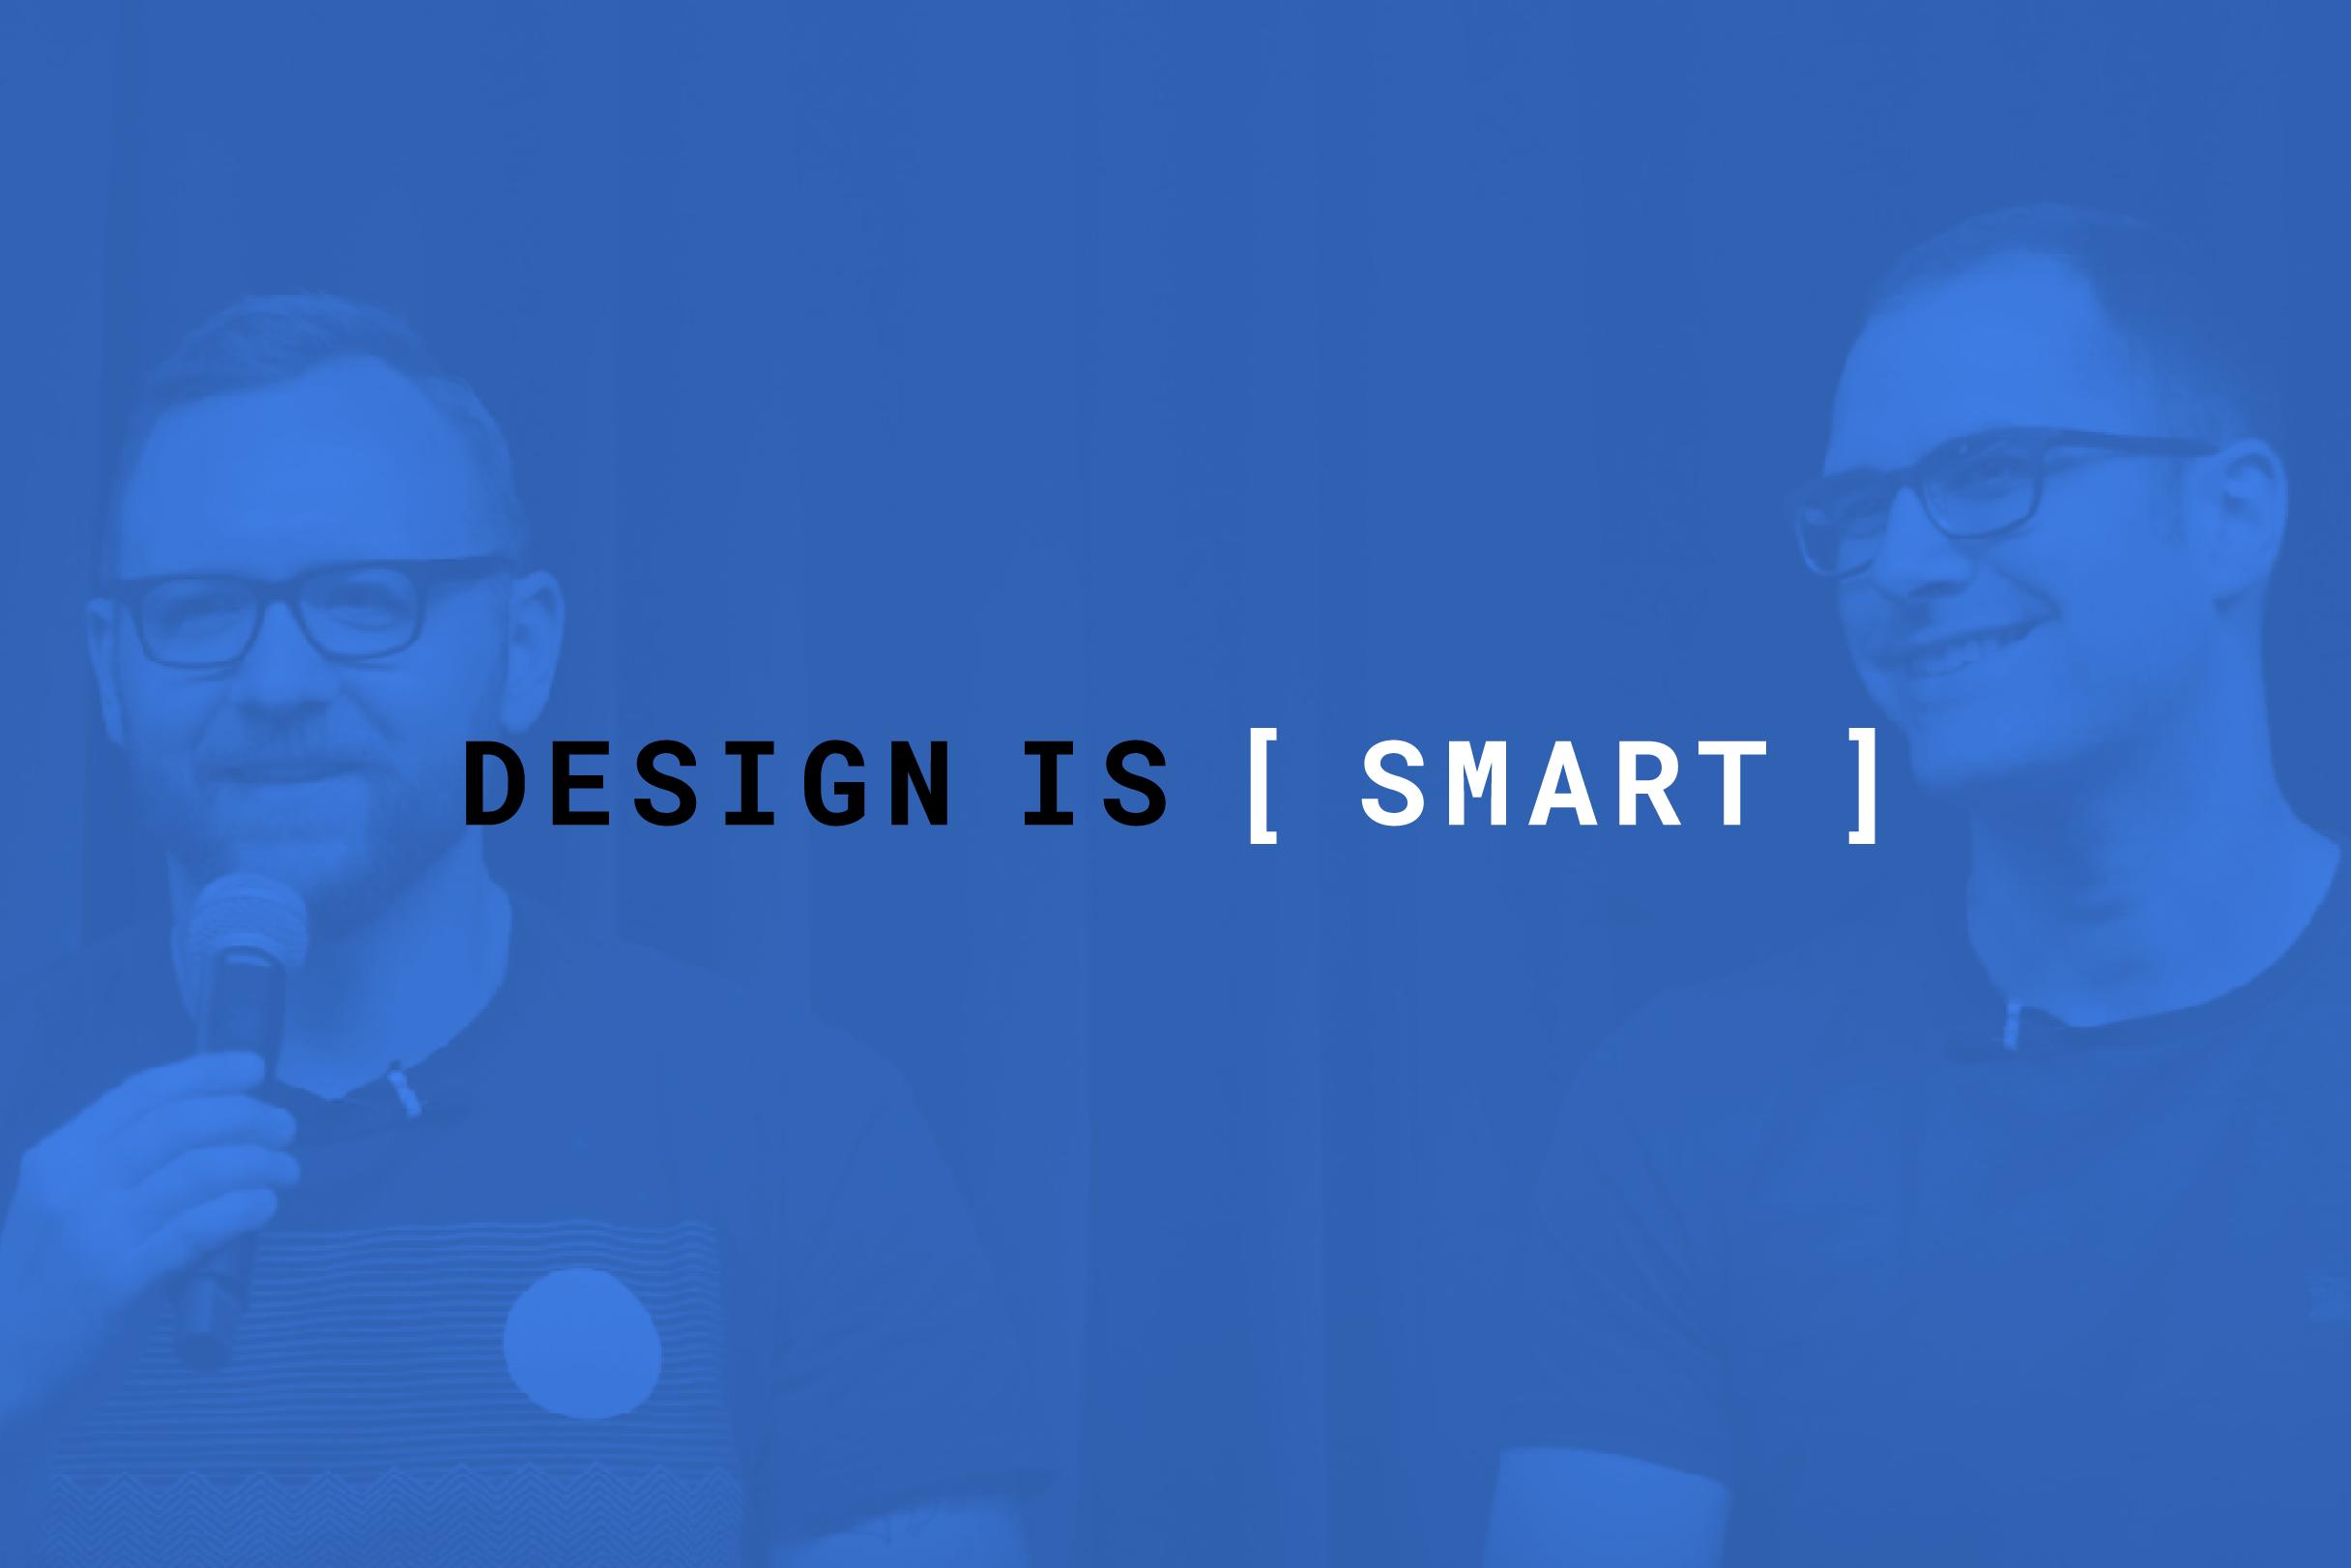 design_is_smart_3x2